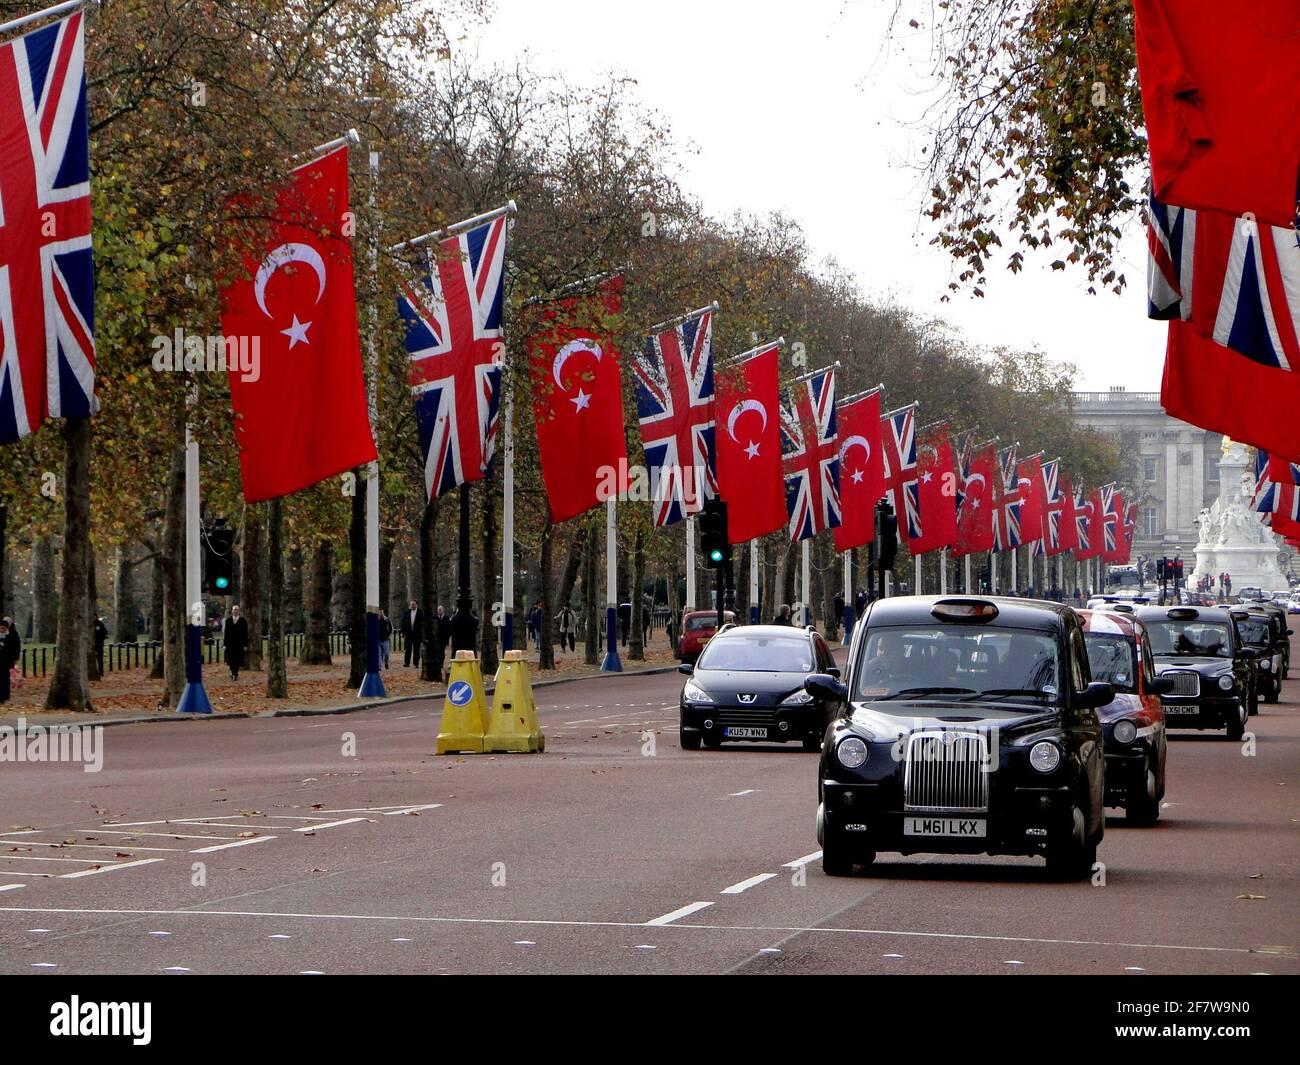 Le Mall décoré avec des drapeaux britanniques et turcs comme la Reine rencontre le président turc, Londres, Royaume-Uni Banque D'Images